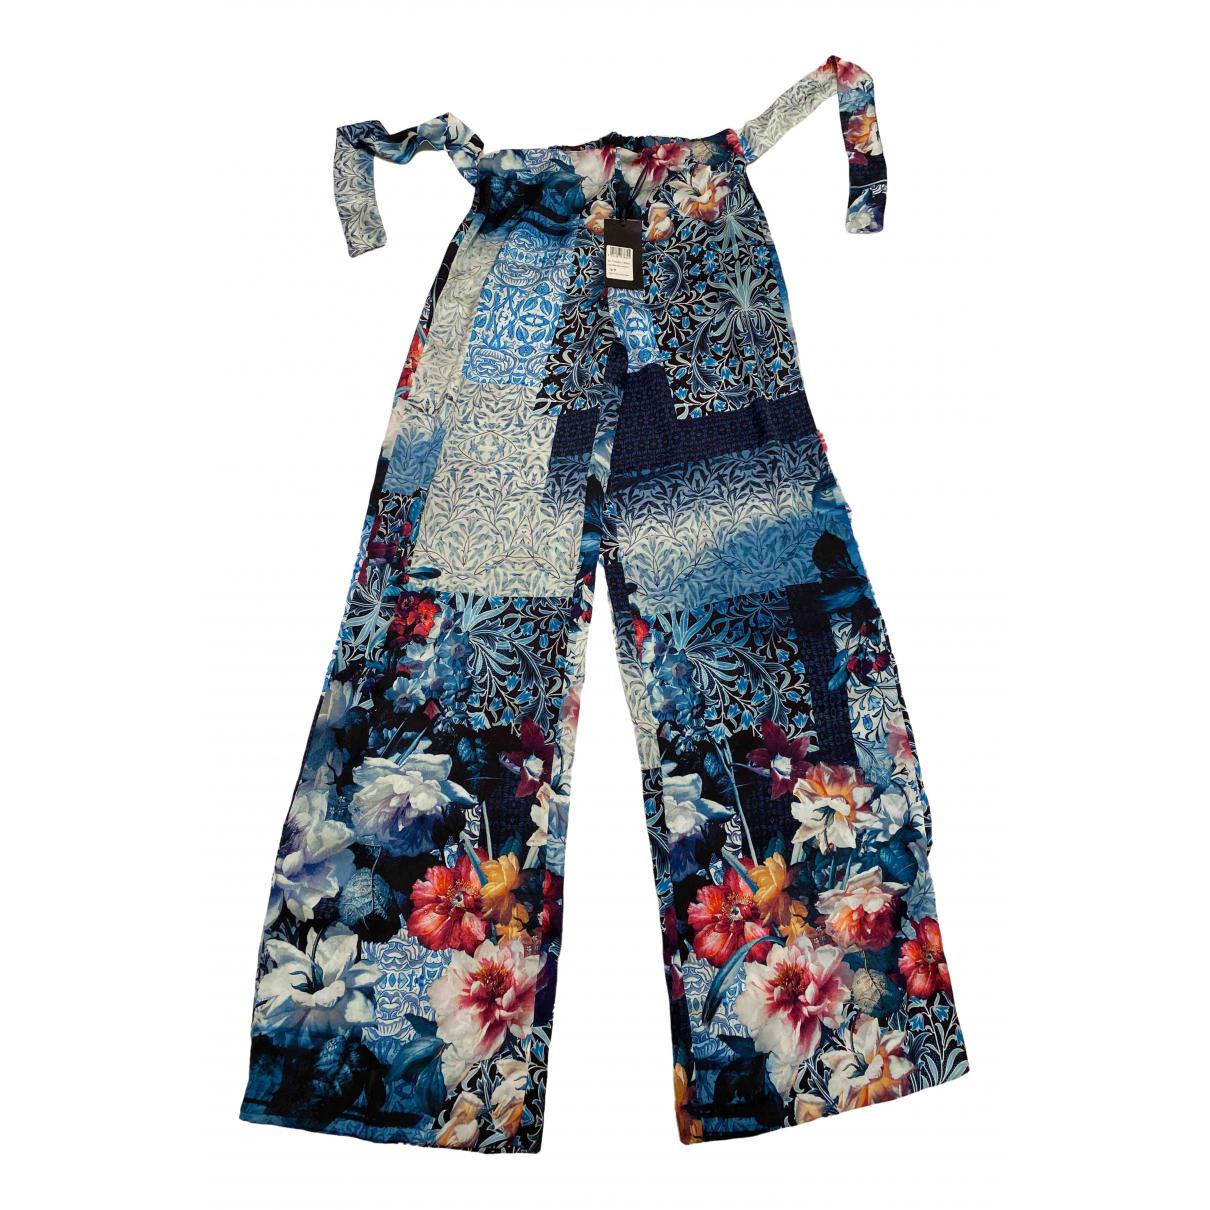 Liu.jo \N Trousers for Women 40 IT